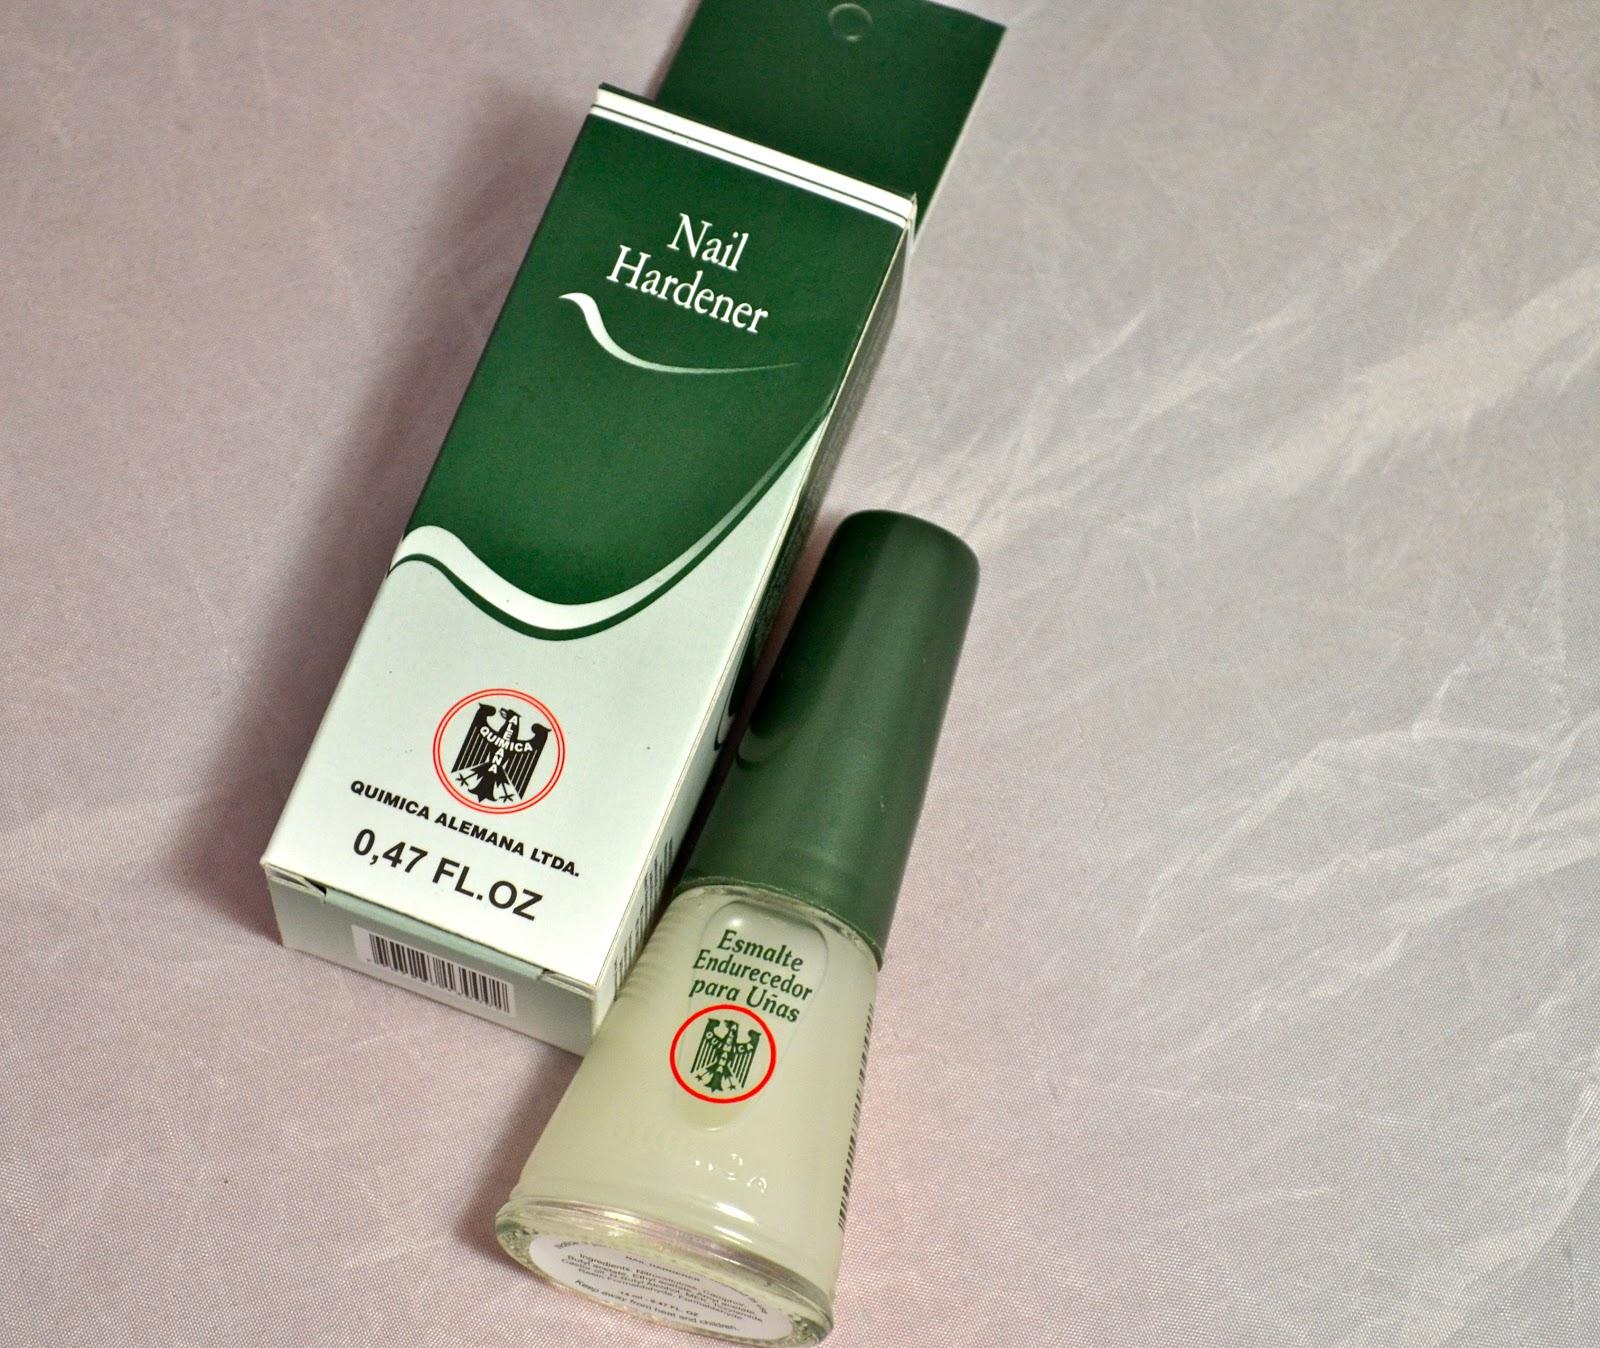 Endurecedor de uñas QUIMICA ALEMANA - ObeBlog | Diario de Belleza